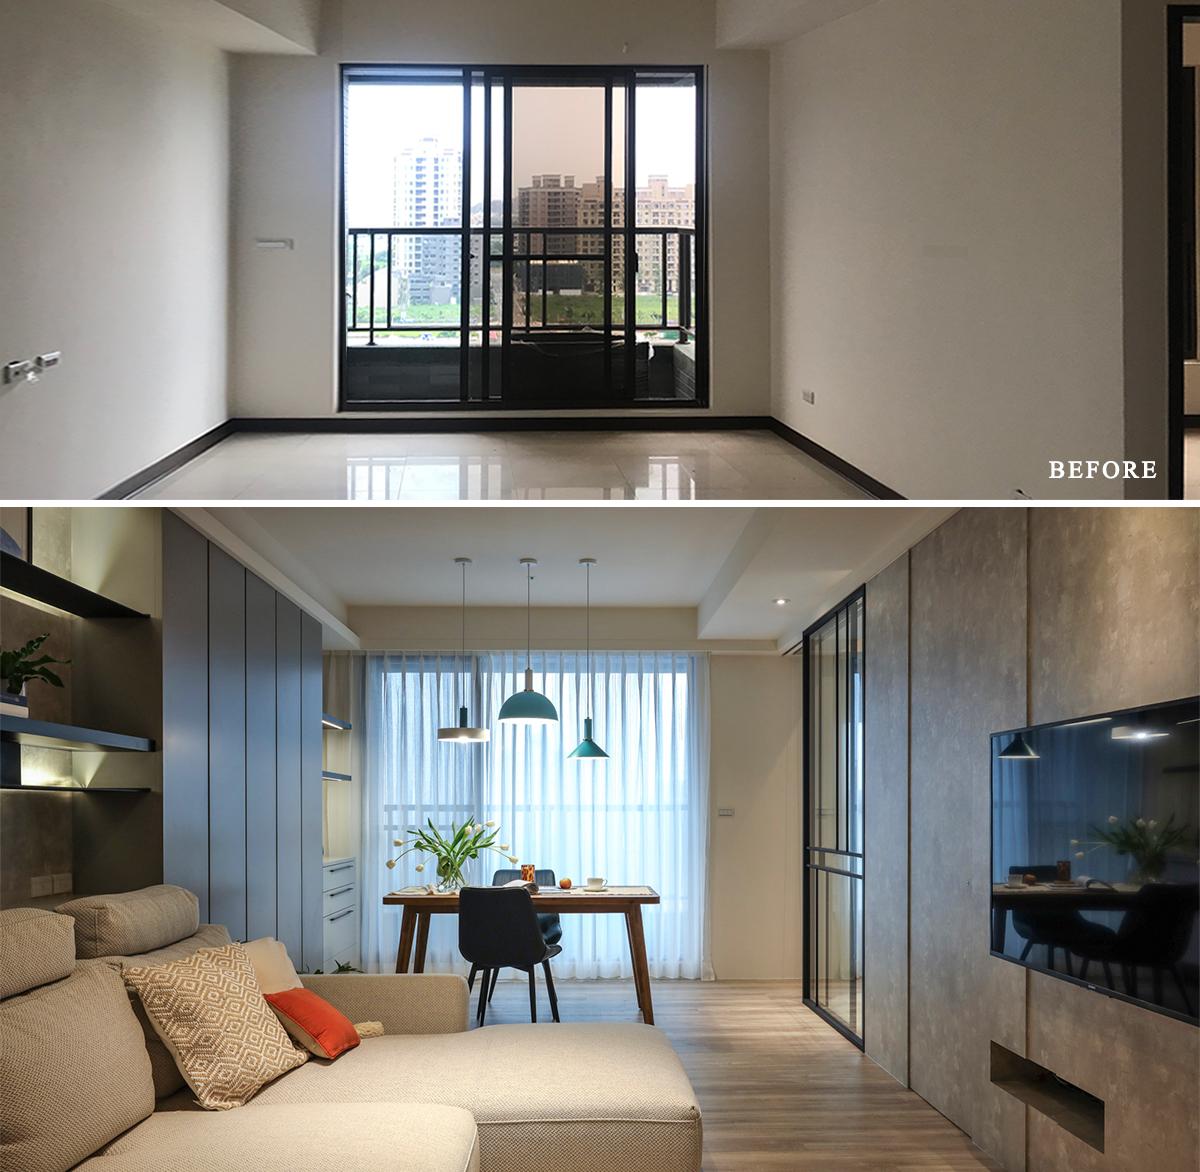 Căn hộ đầy nắng với góc nào cũng riêng tư, hiện đại dù diện tích khiêm tốn - Ảnh 6.